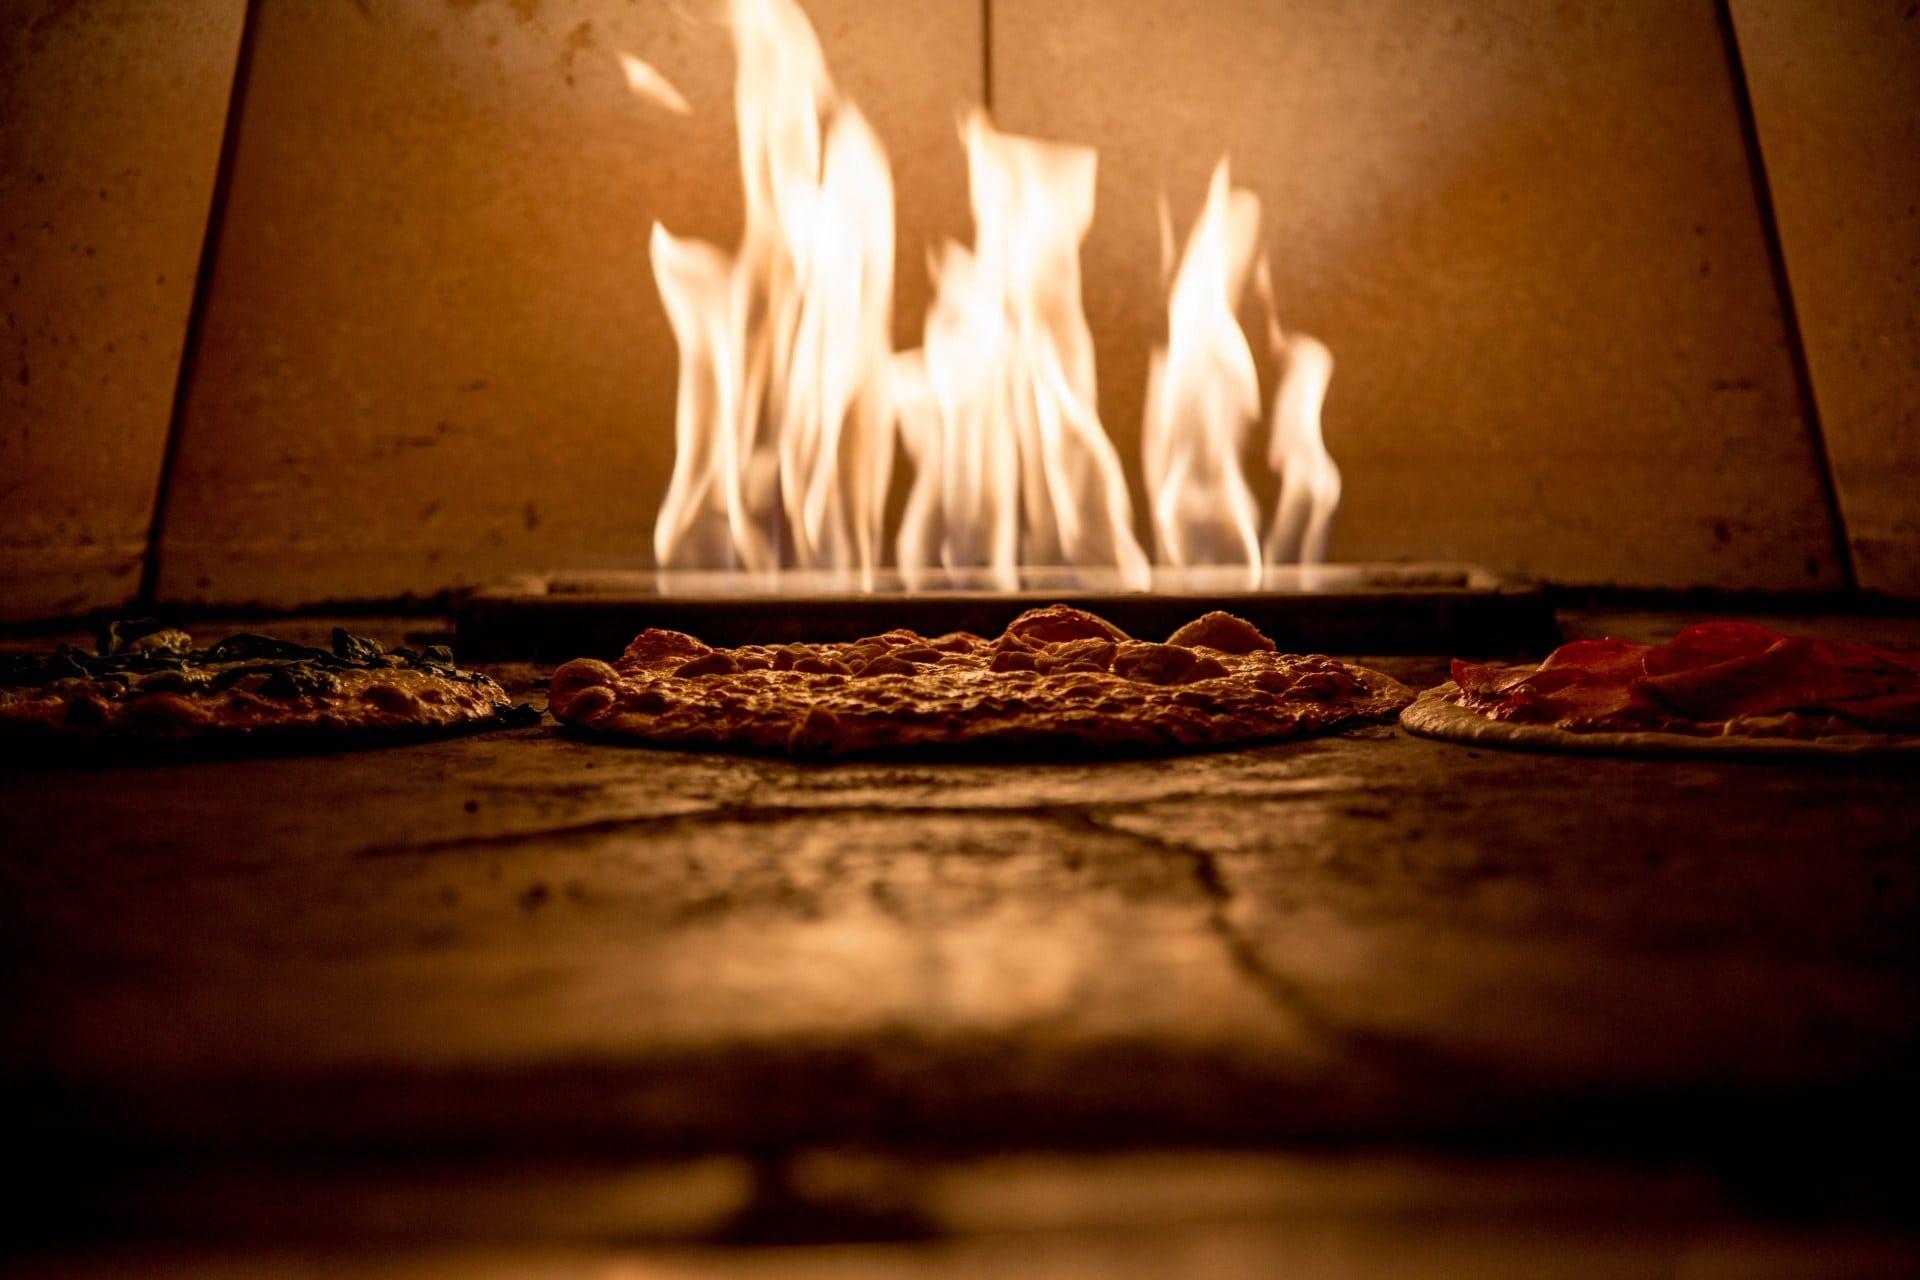 Pizzaholz